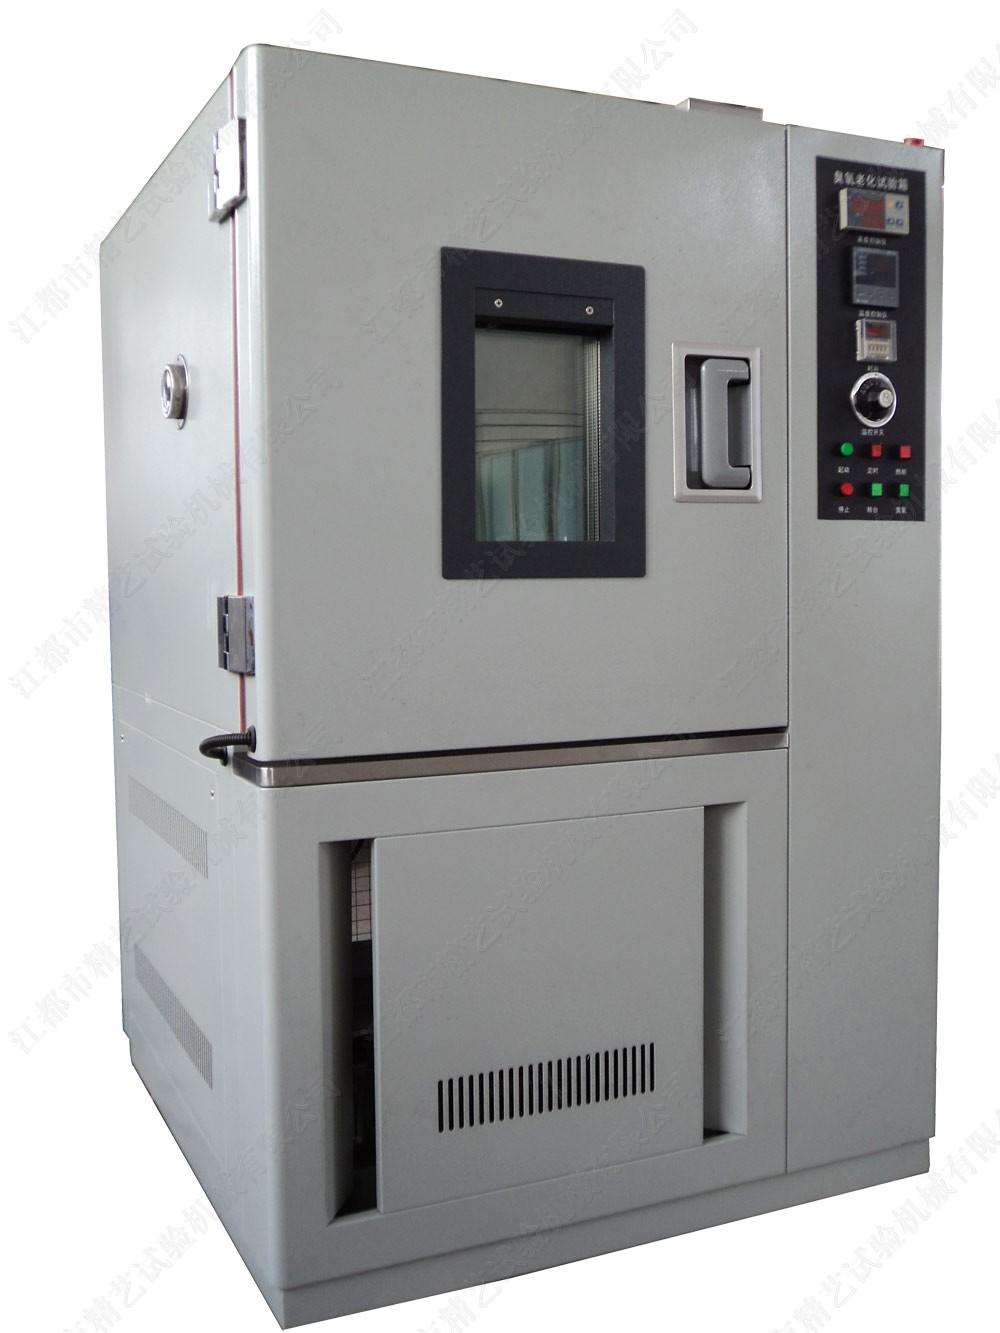 橡胶臭氧老化试验箱、橡胶耐臭氧老化实验箱